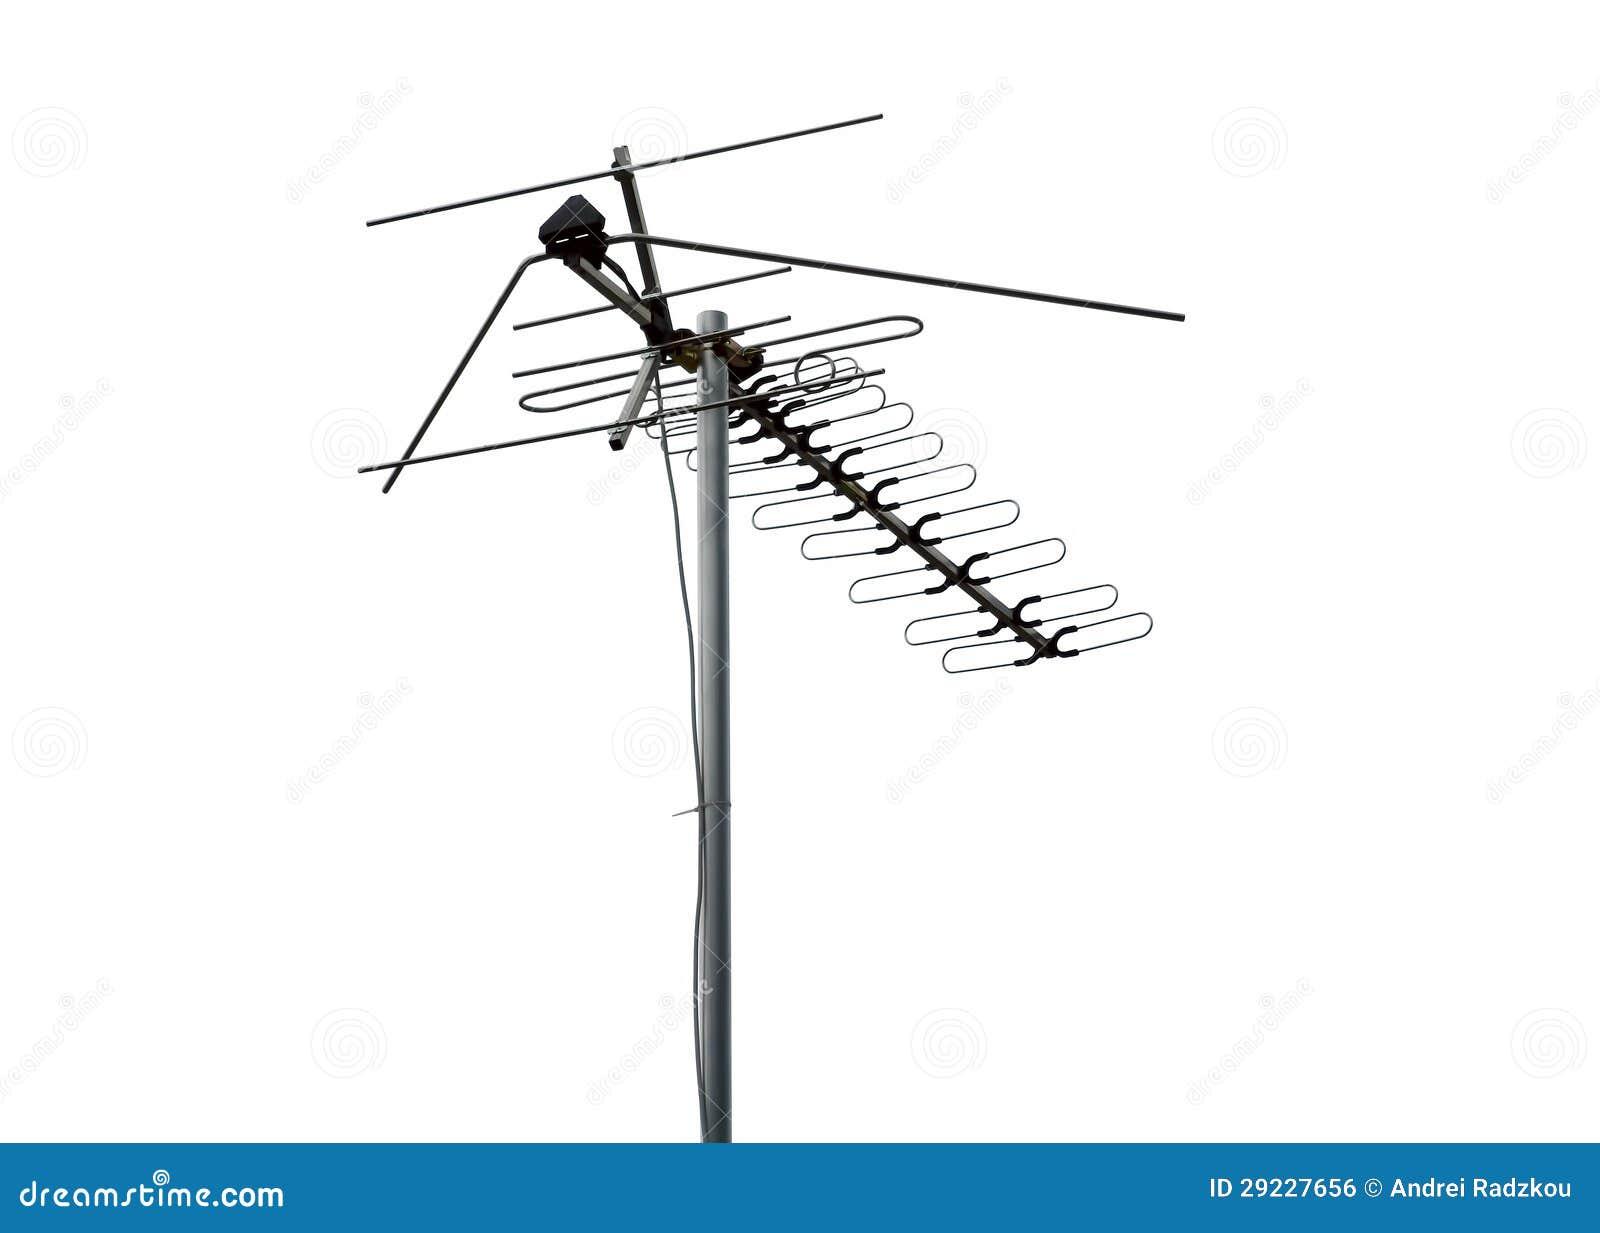 Что значит антенна — кто-то очень интересуется вами и вашей жизнью, возможно, даже следит за вами.